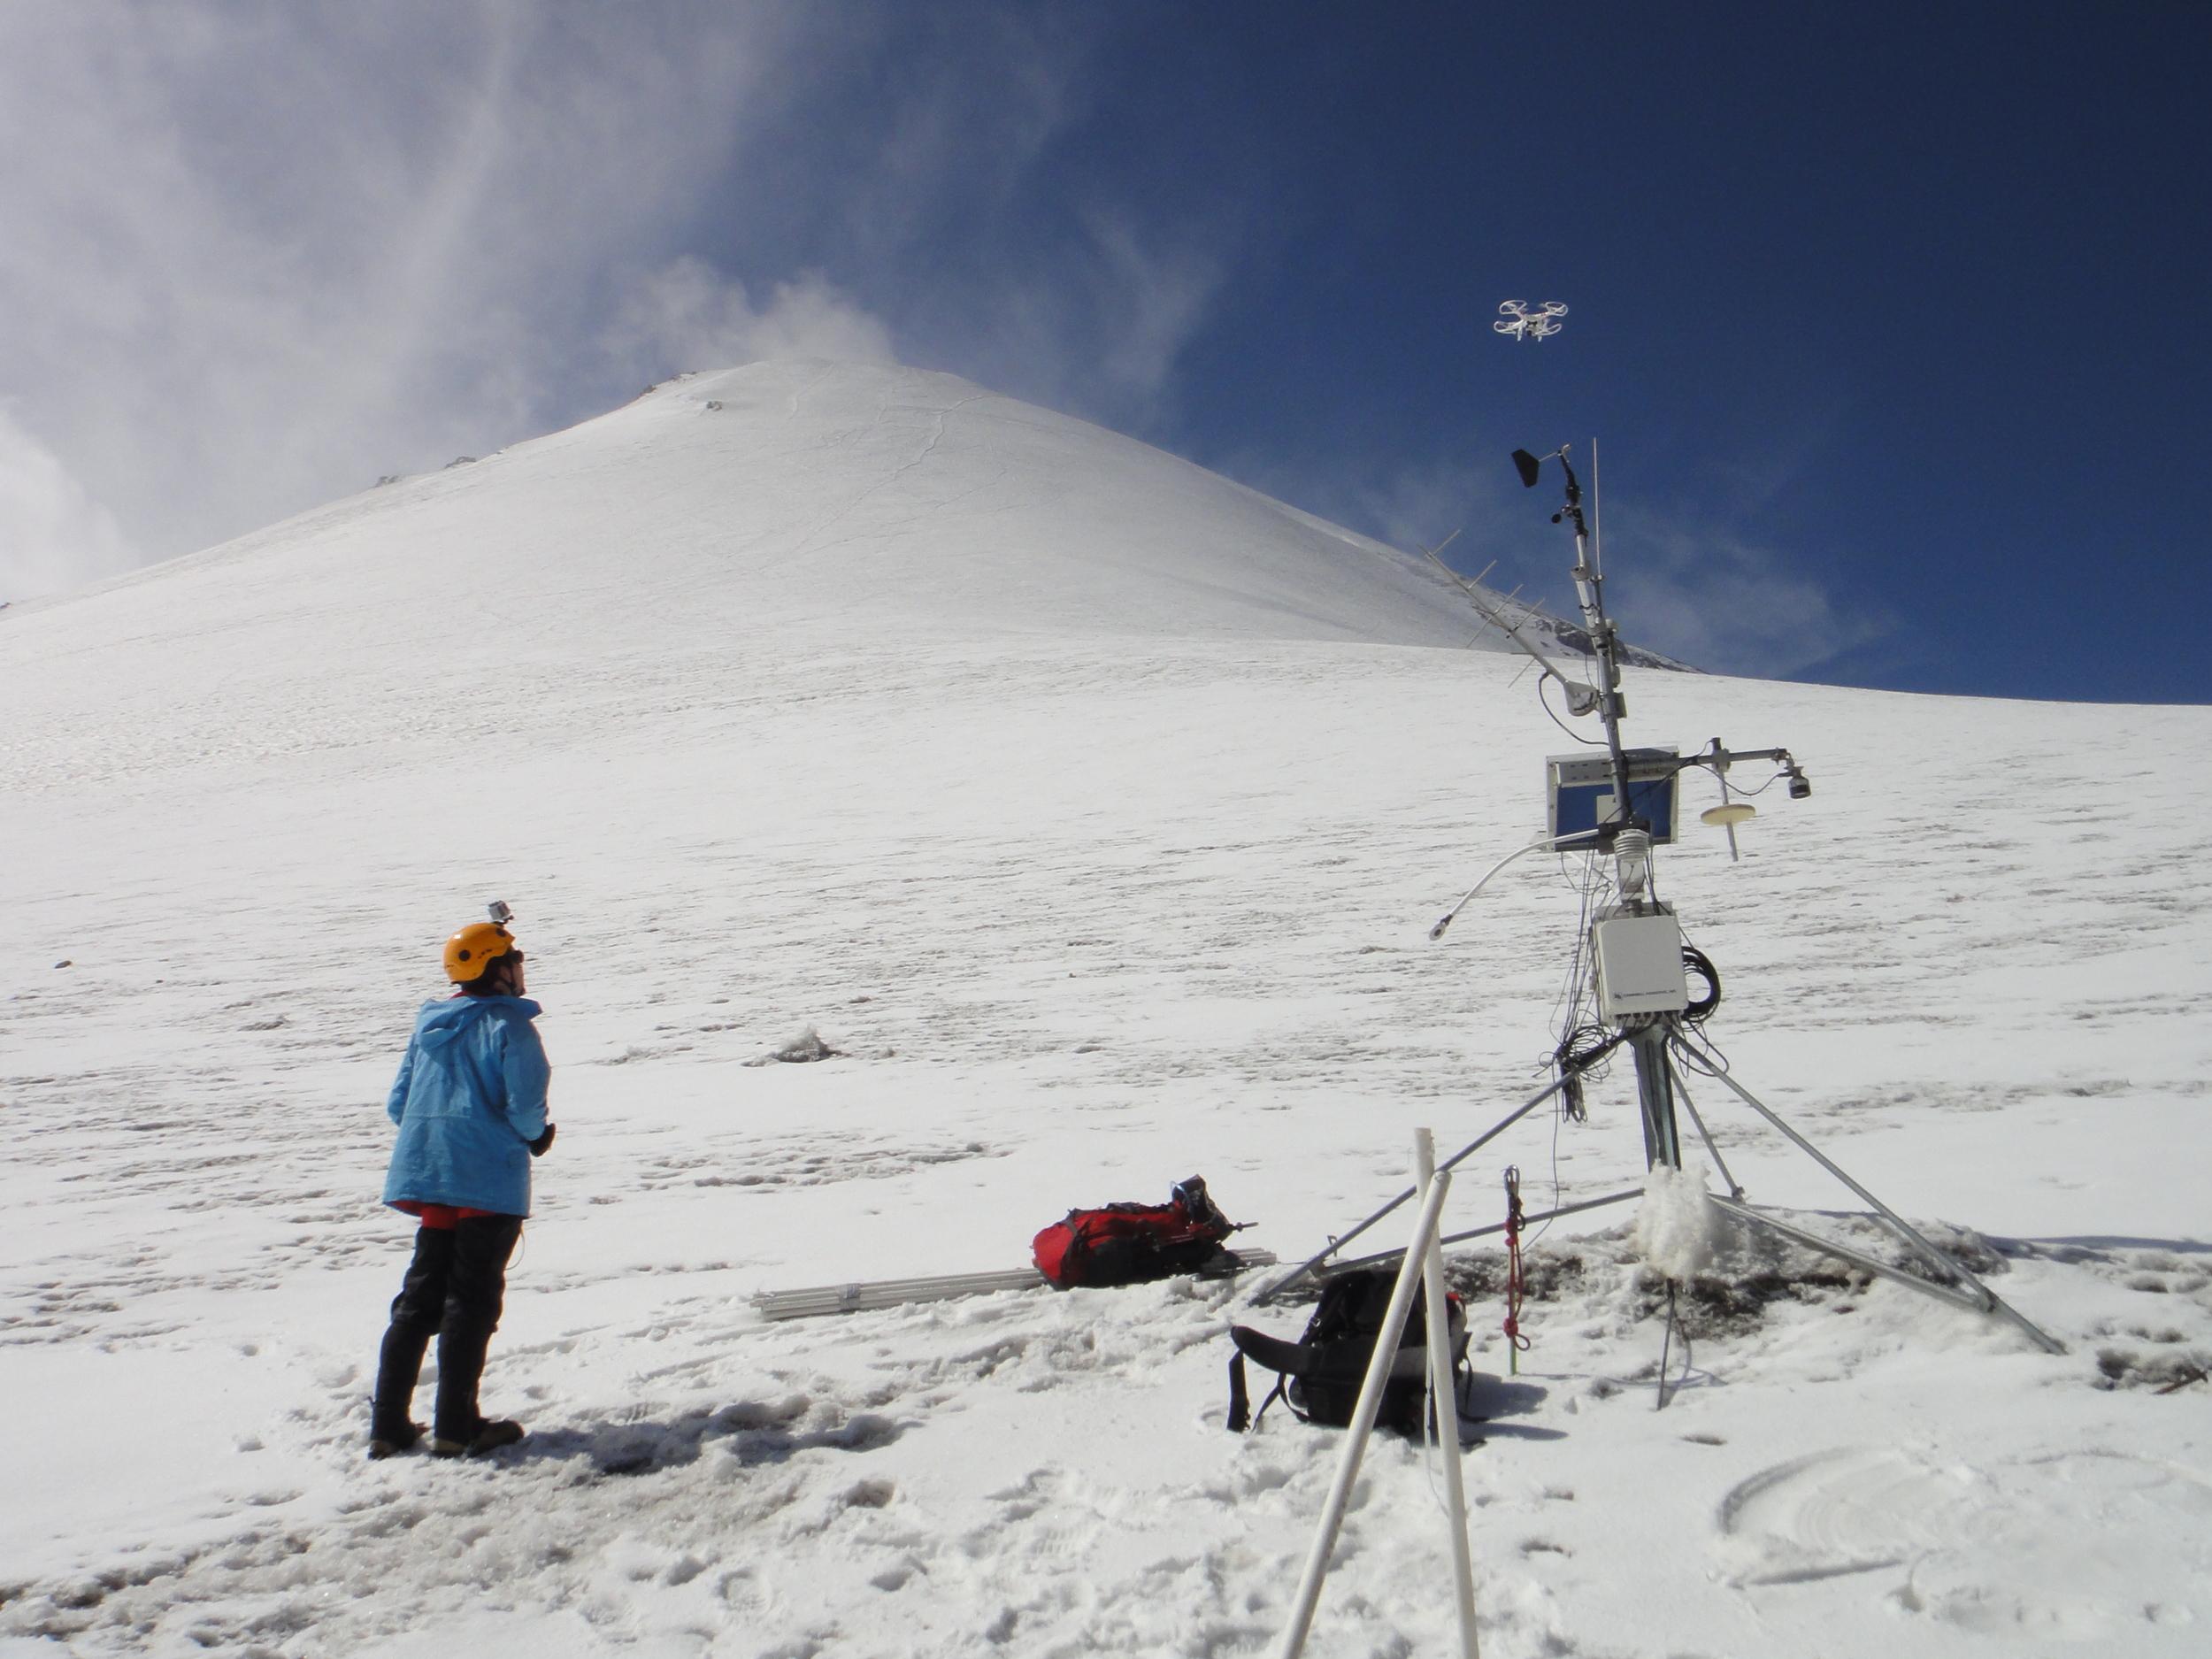 Una estación meteorológica es el lugar donde se realizan mediciones y observaciones puntuales de los diferentes parámetros meteorológicos utilizando los instrumentos adecuados para así poder establecer el comportamiento atmosférico.